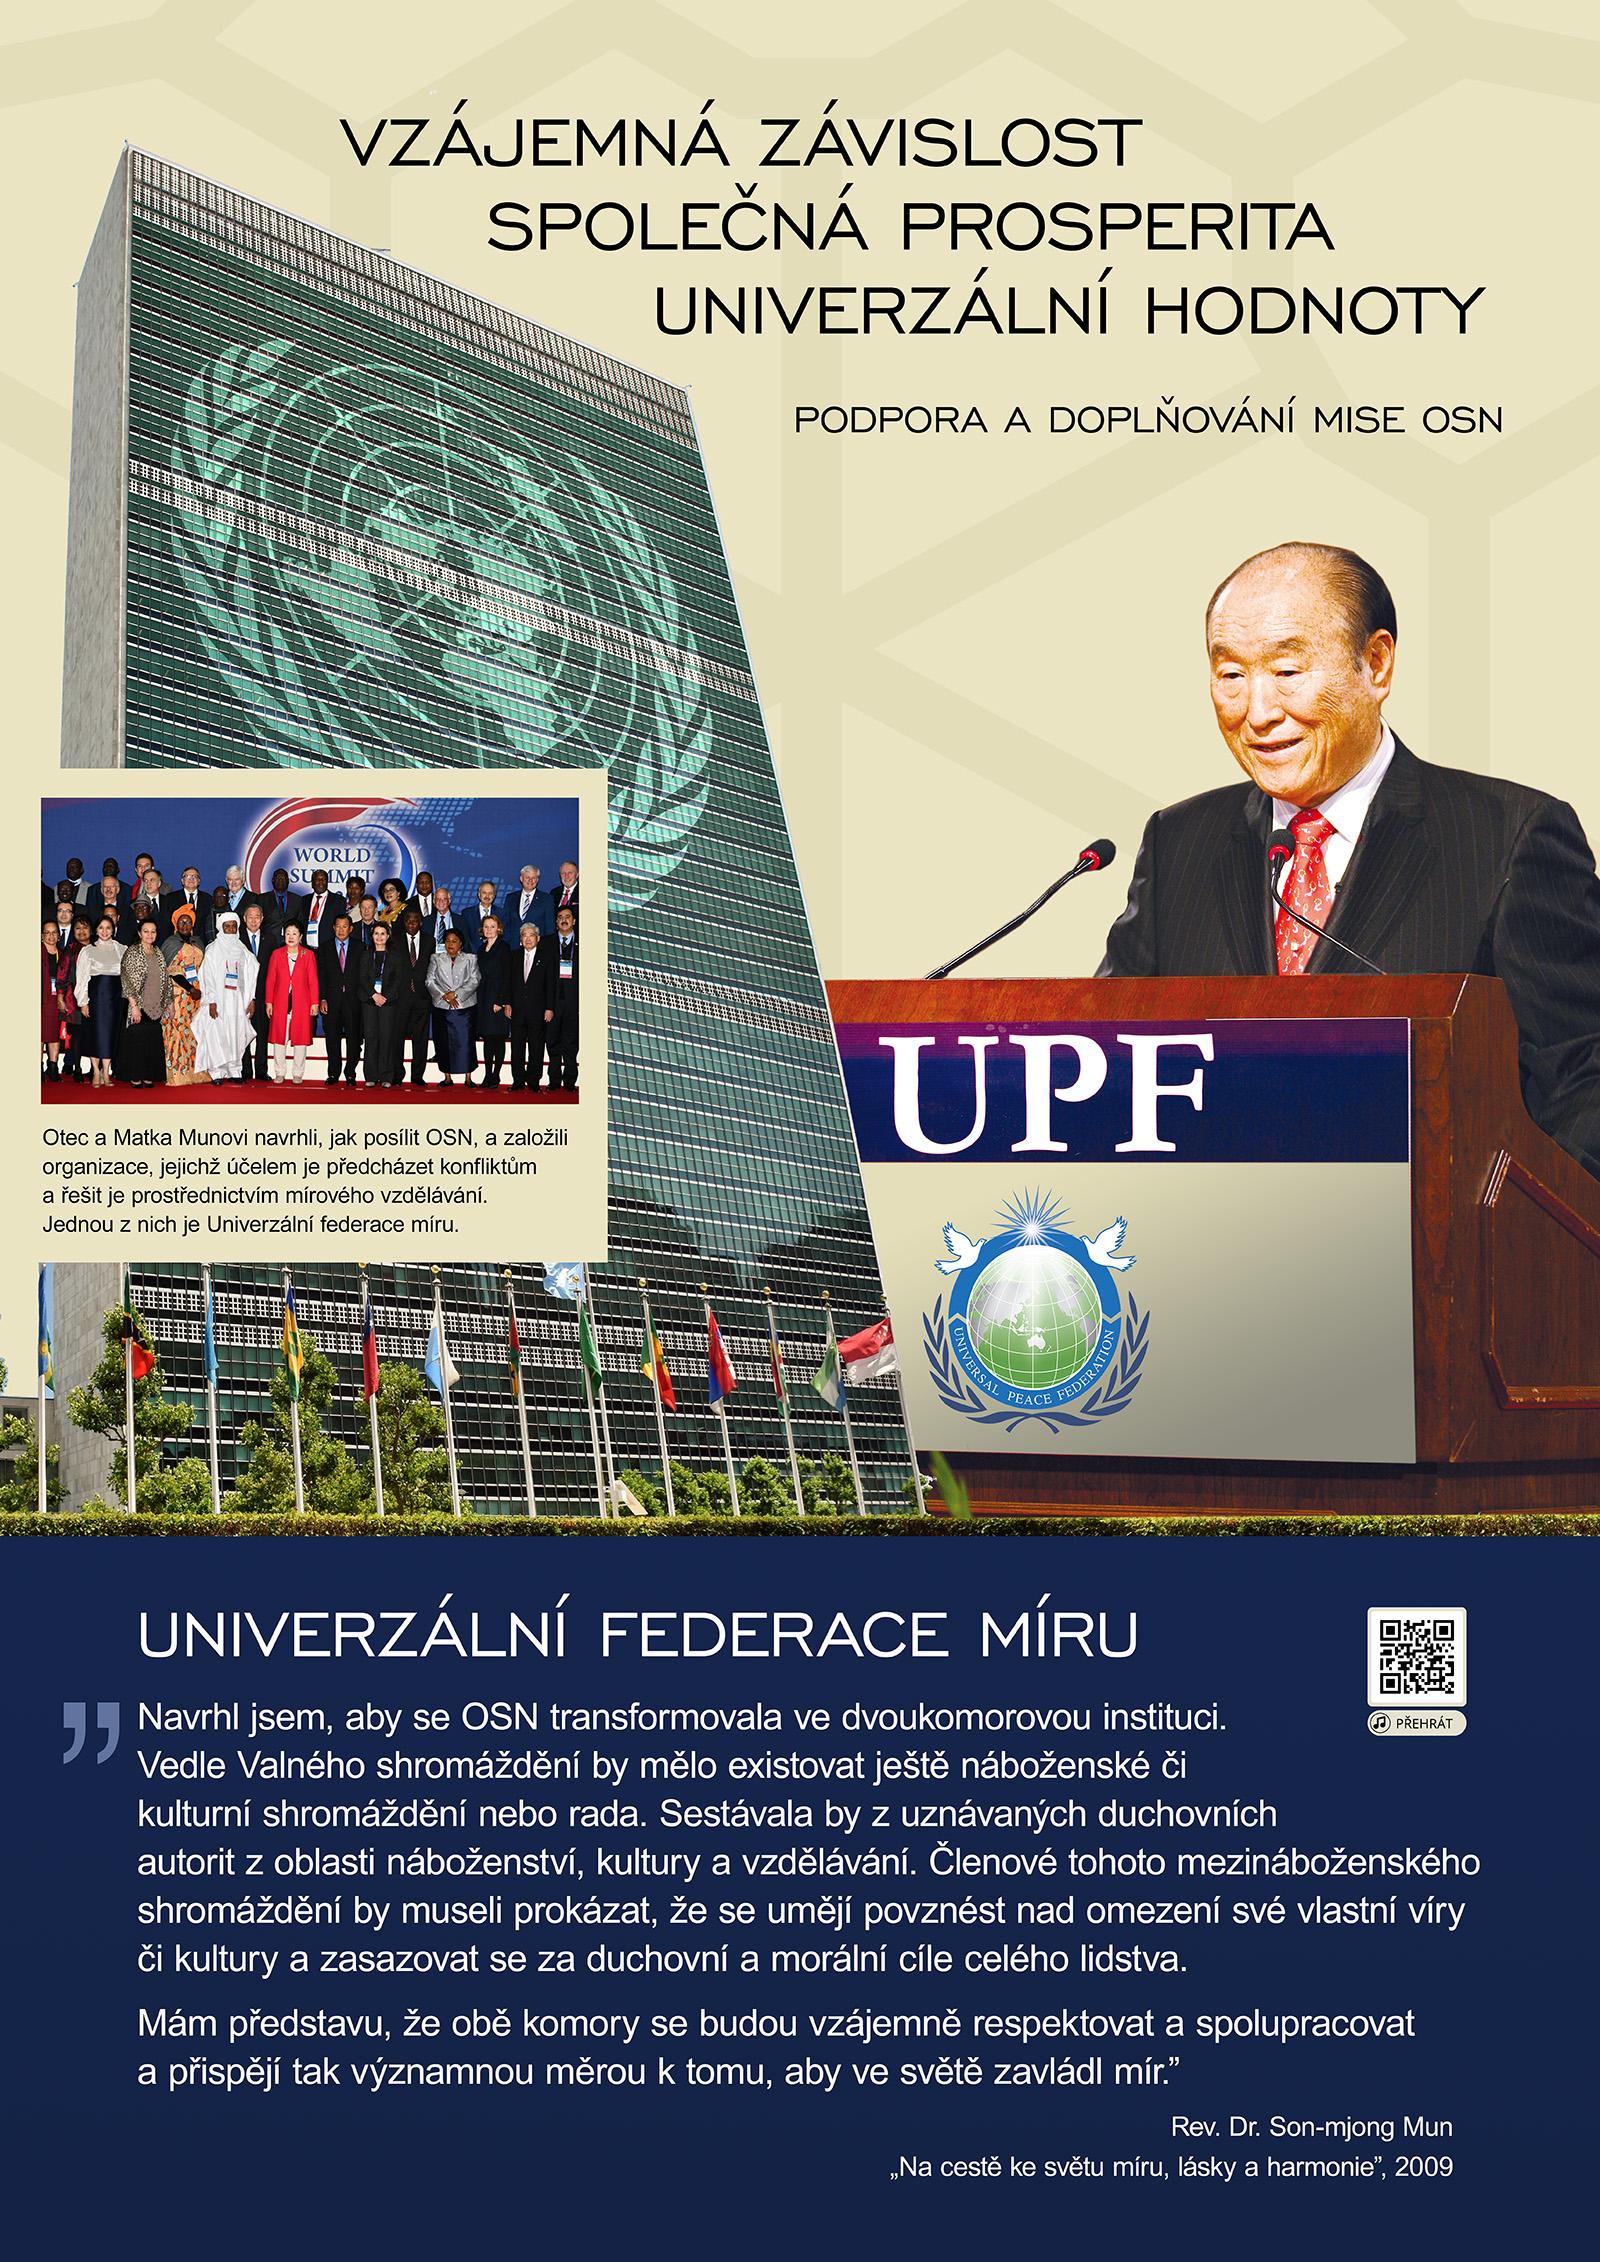 19. UPF